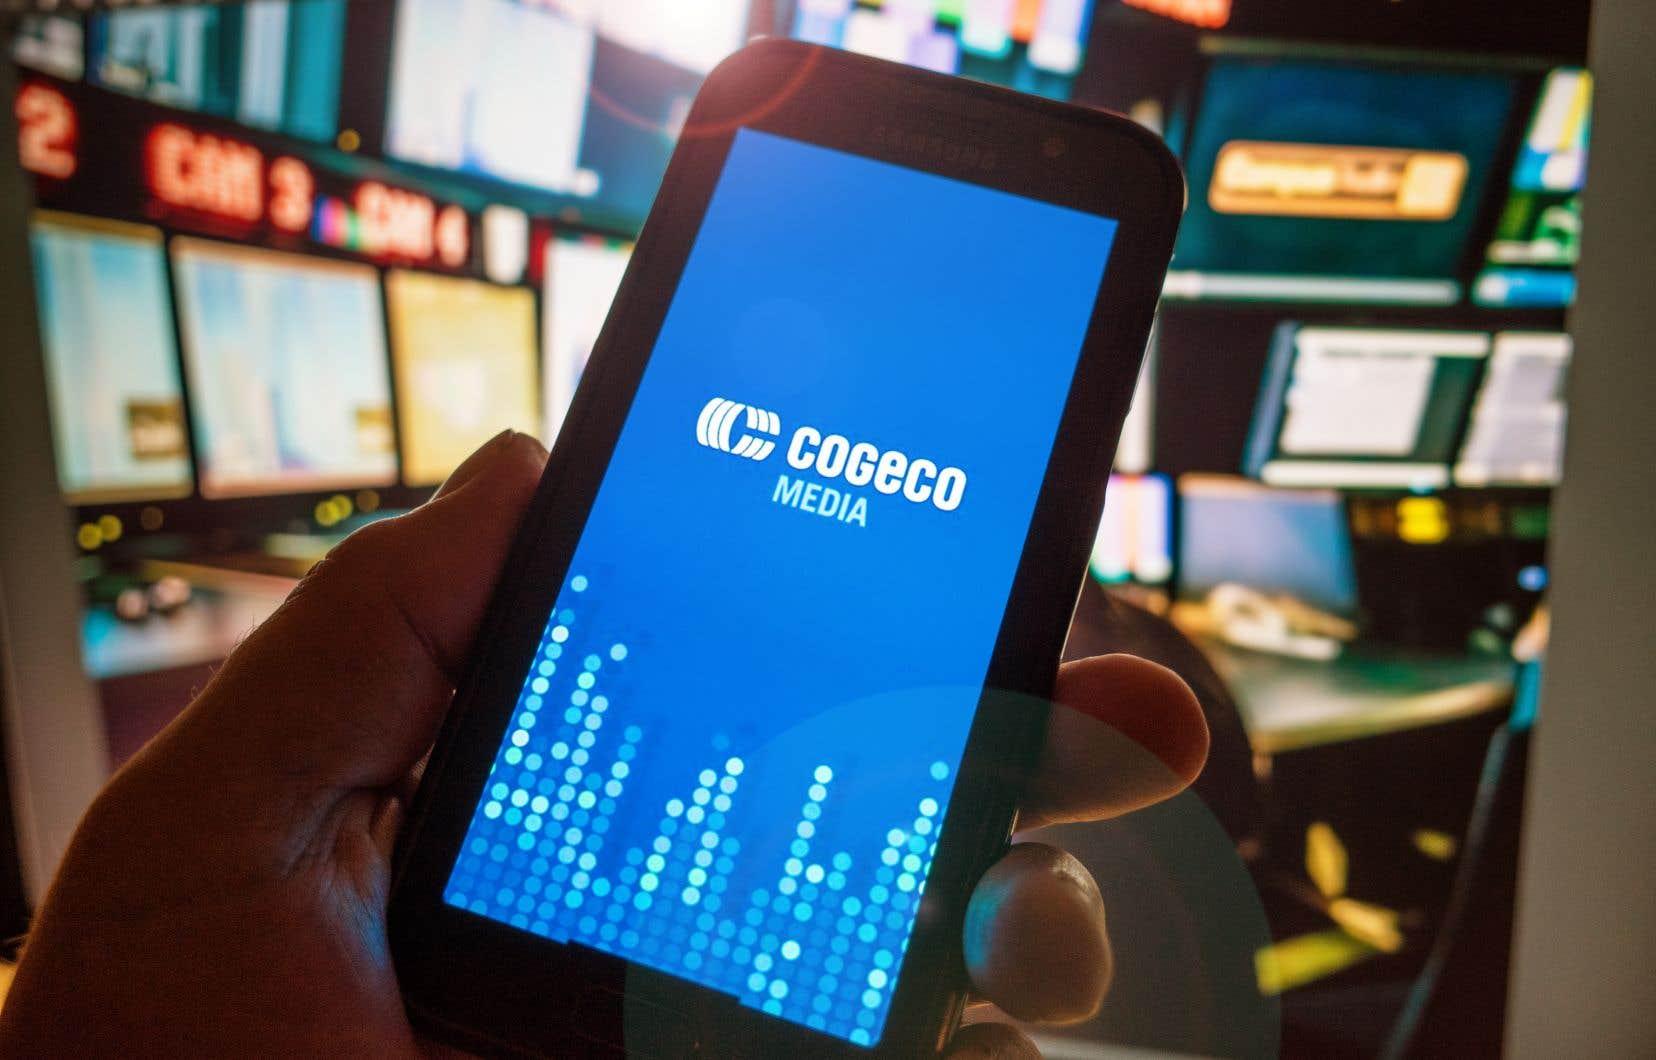 En début de journée, le géant des télécommunications Rogers y était allé d'une offensive en dévoilant une série d'engagements s'il parvenait à mettre le grappin sur les actifs canadiens de Cogeco et sa principale filiale, Cogeco Communications.